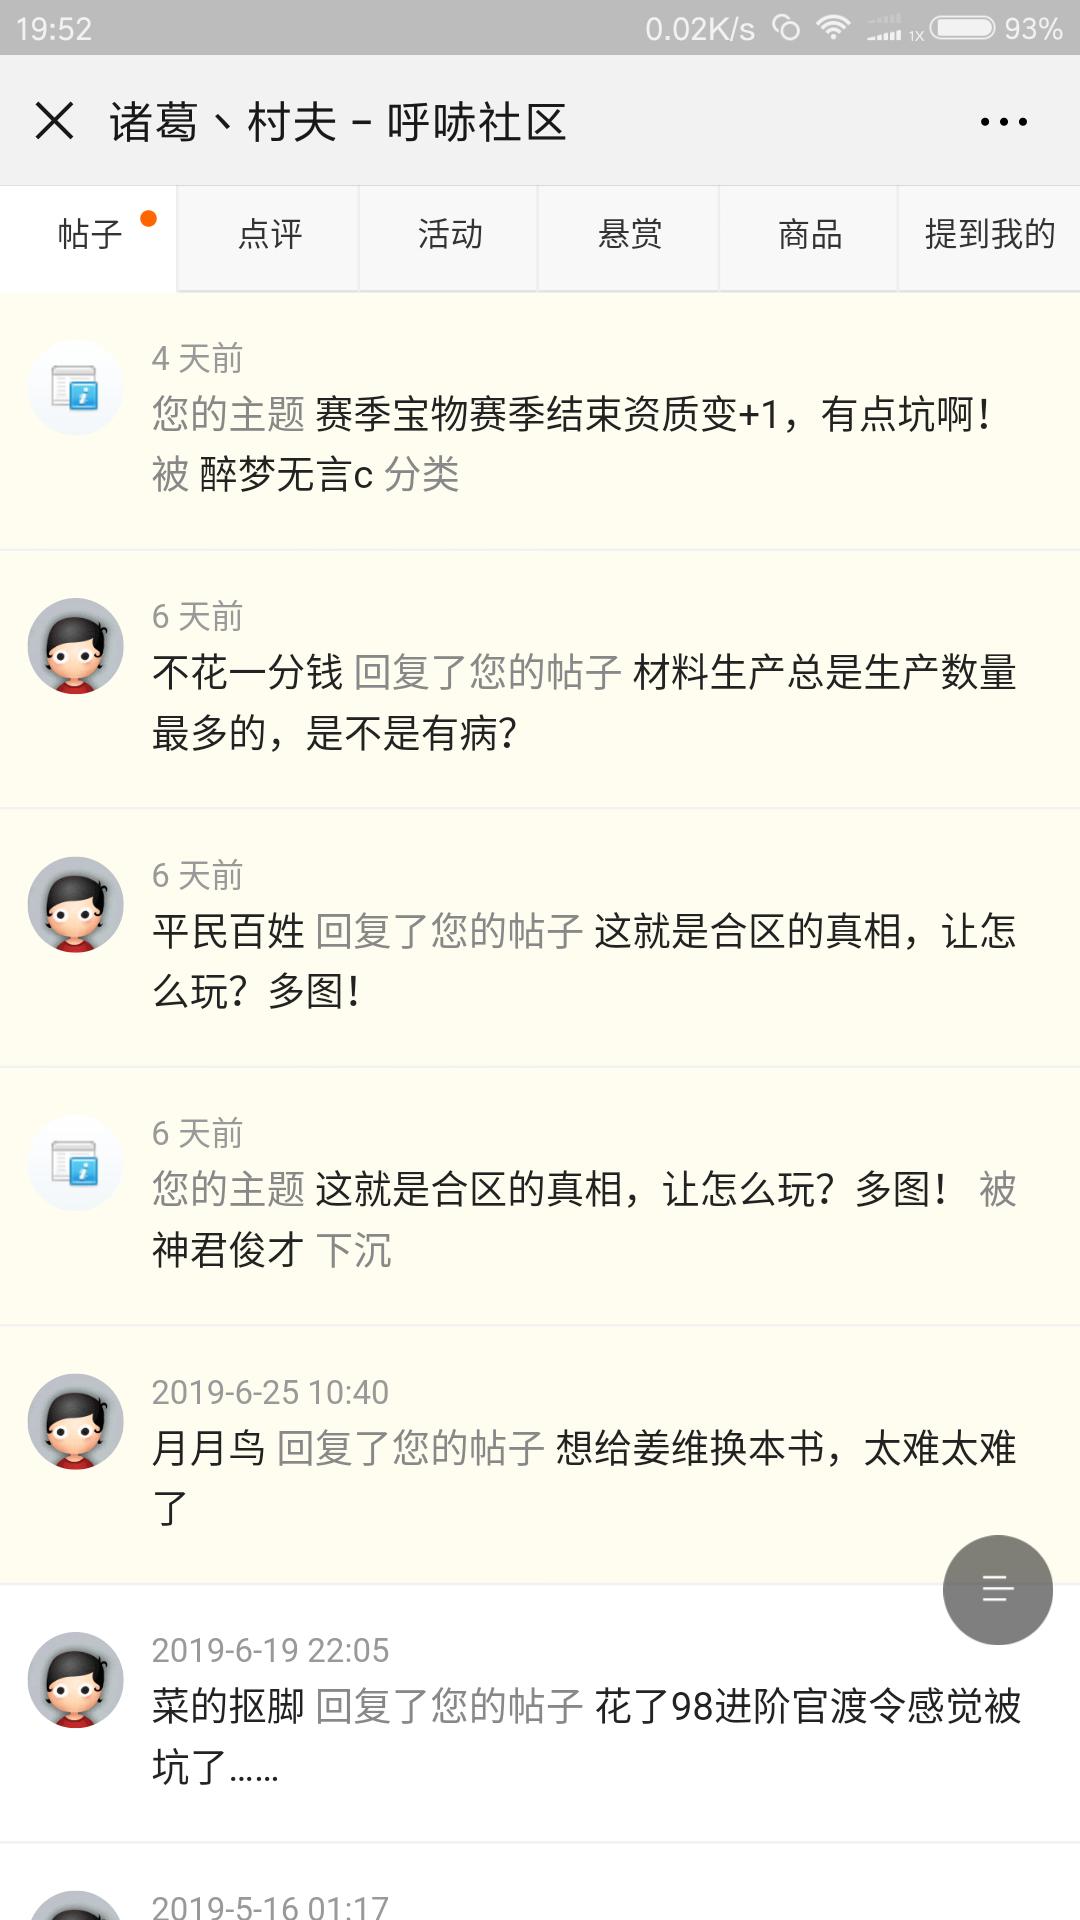 Screenshot_2019-07-07-19-52-14-307_com.tencent.mm.png